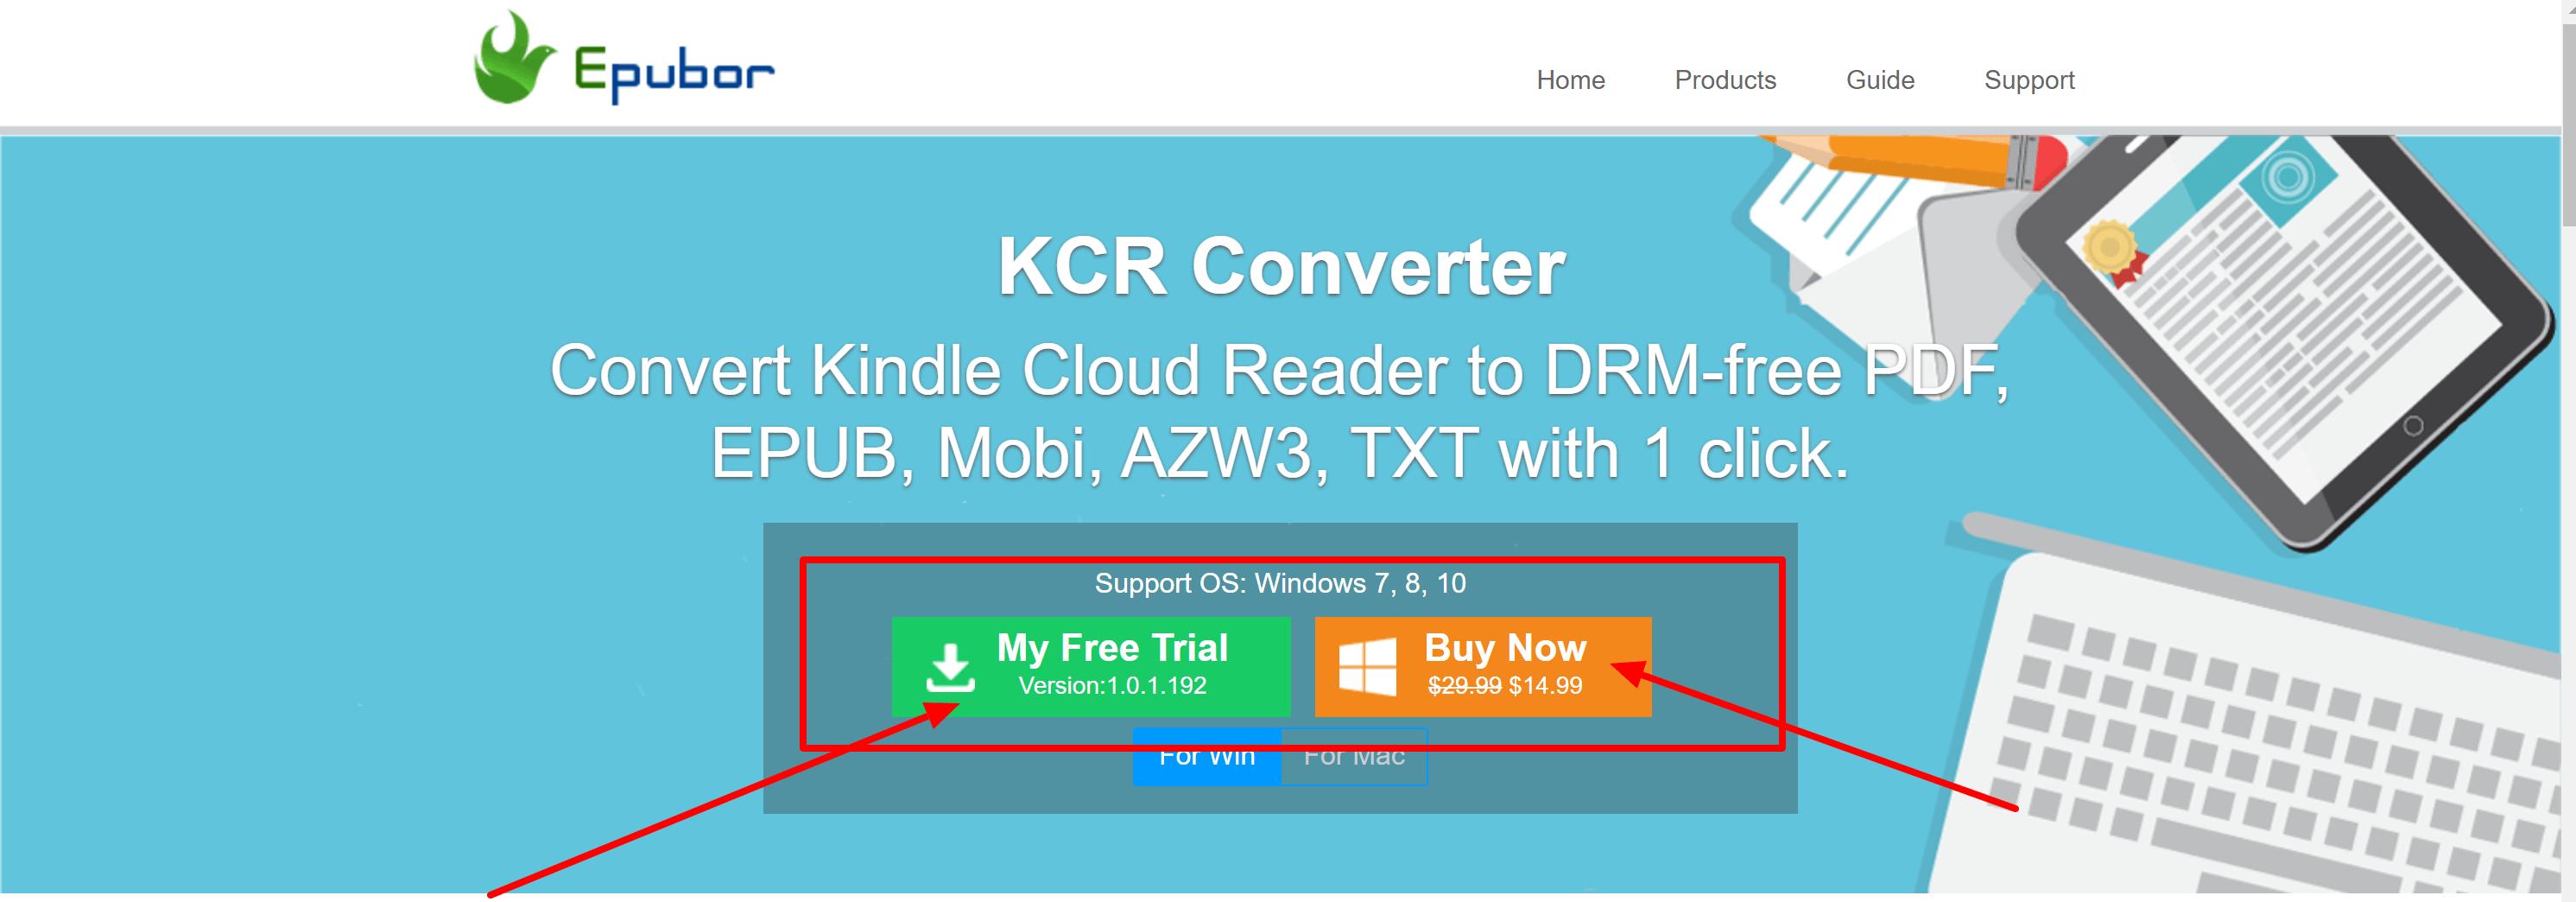 Epubor KCR Converter registration co- Epubor ultimate discount code